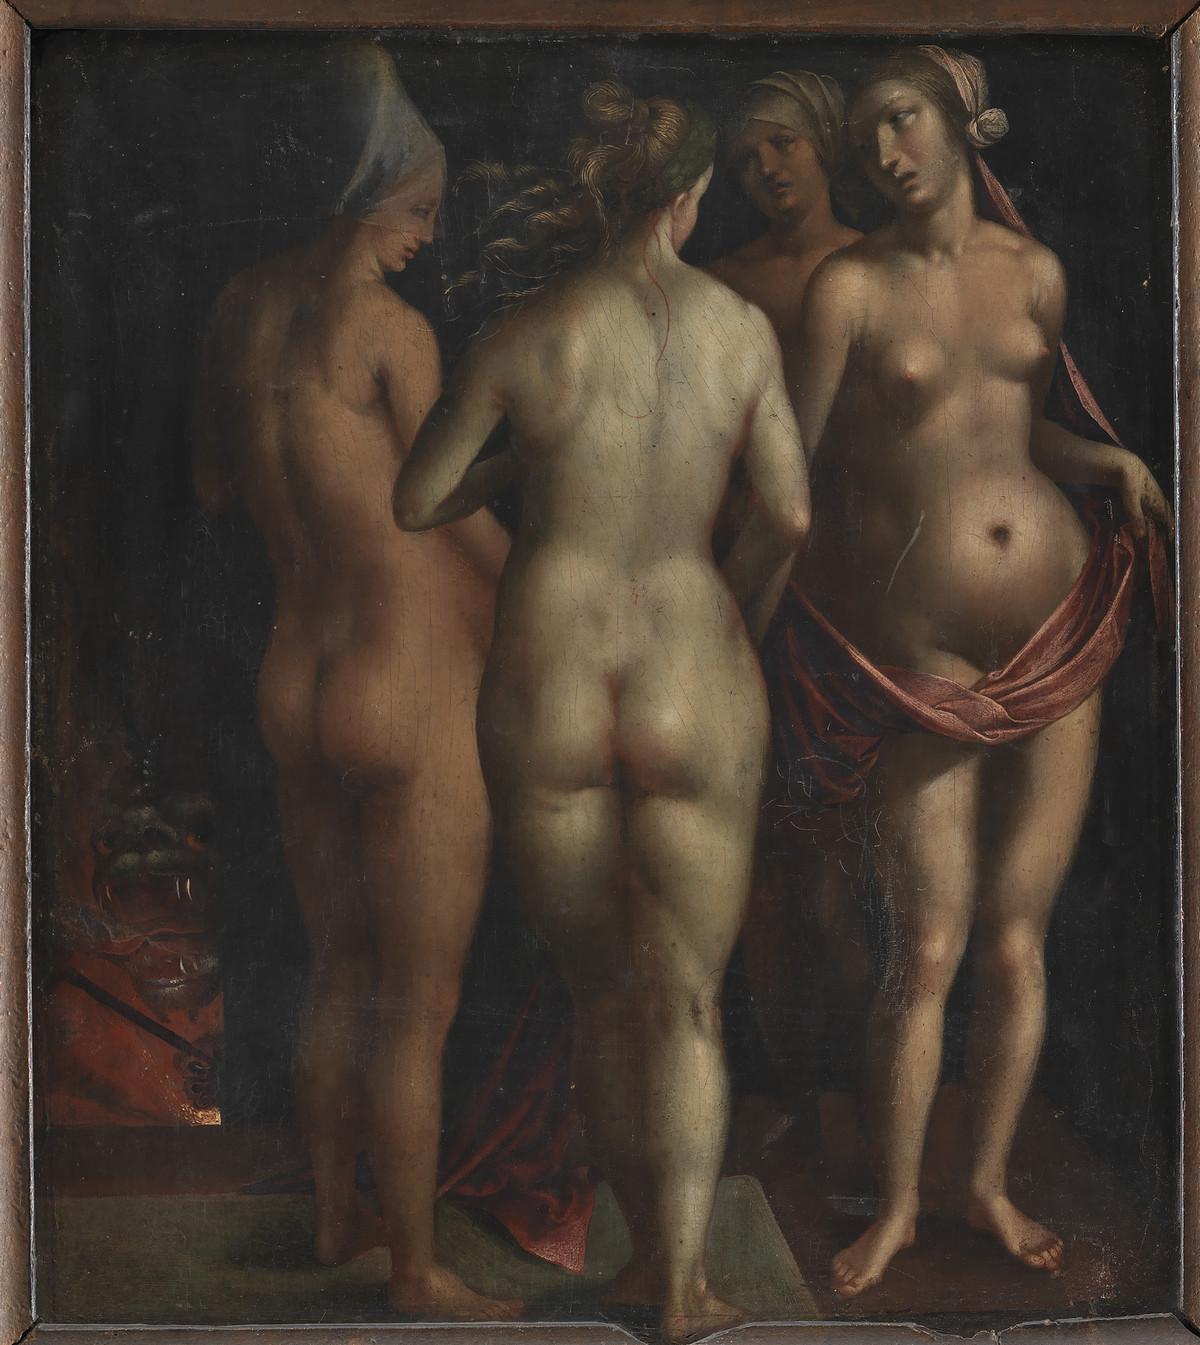 Музей искусств Дании выложил свои коллекции в открытый доступ 5